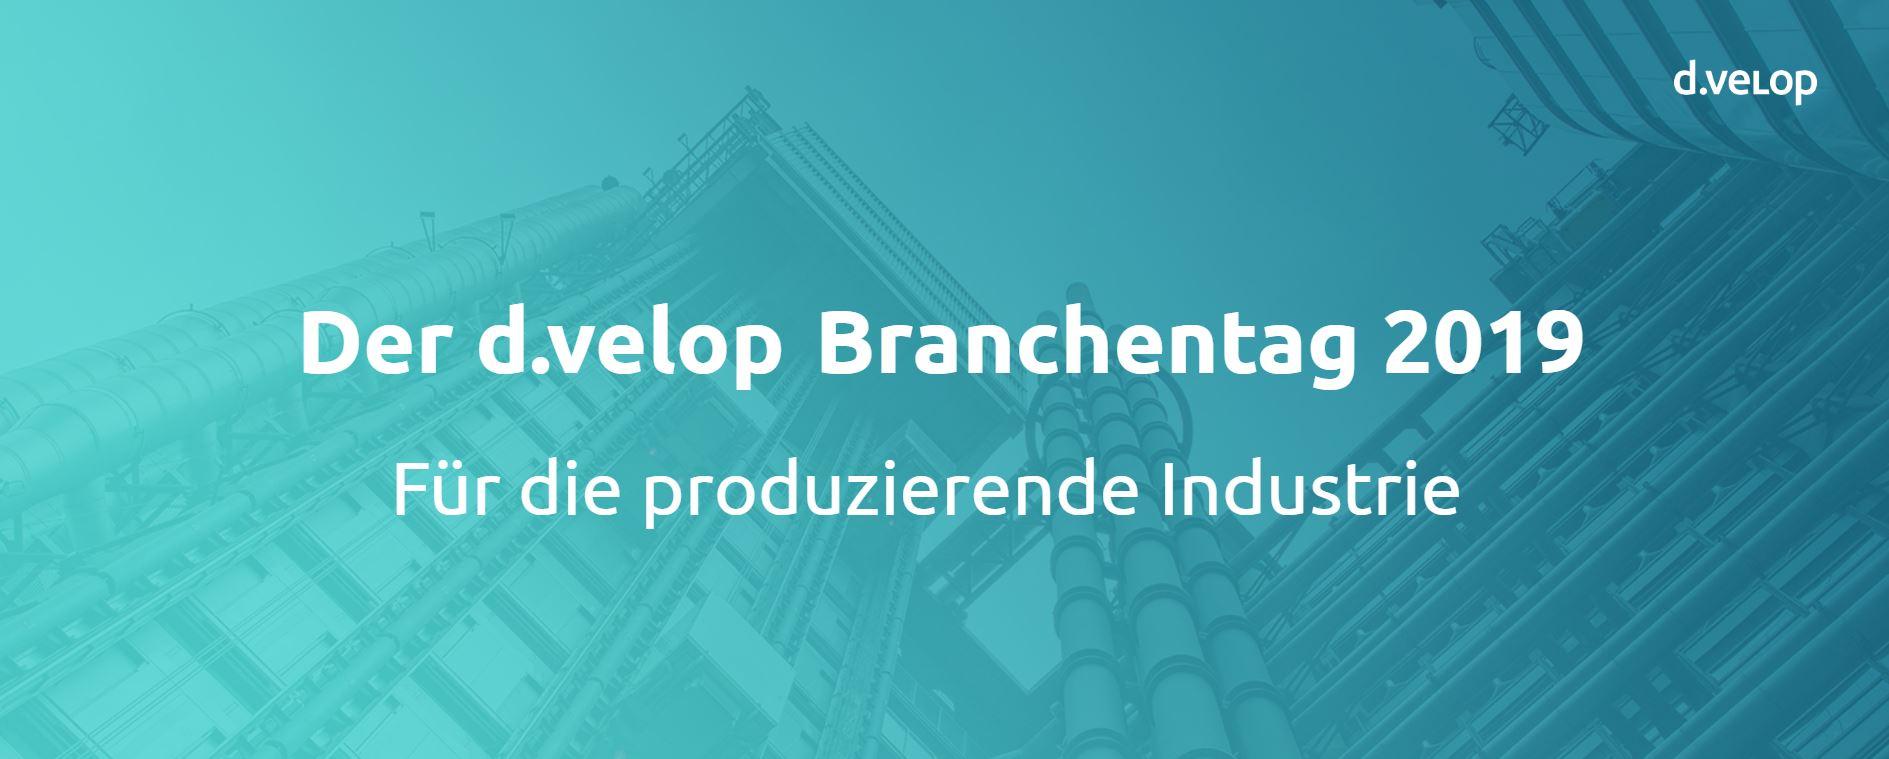 d.velop Branchentag für die produzierende Industrie 2019